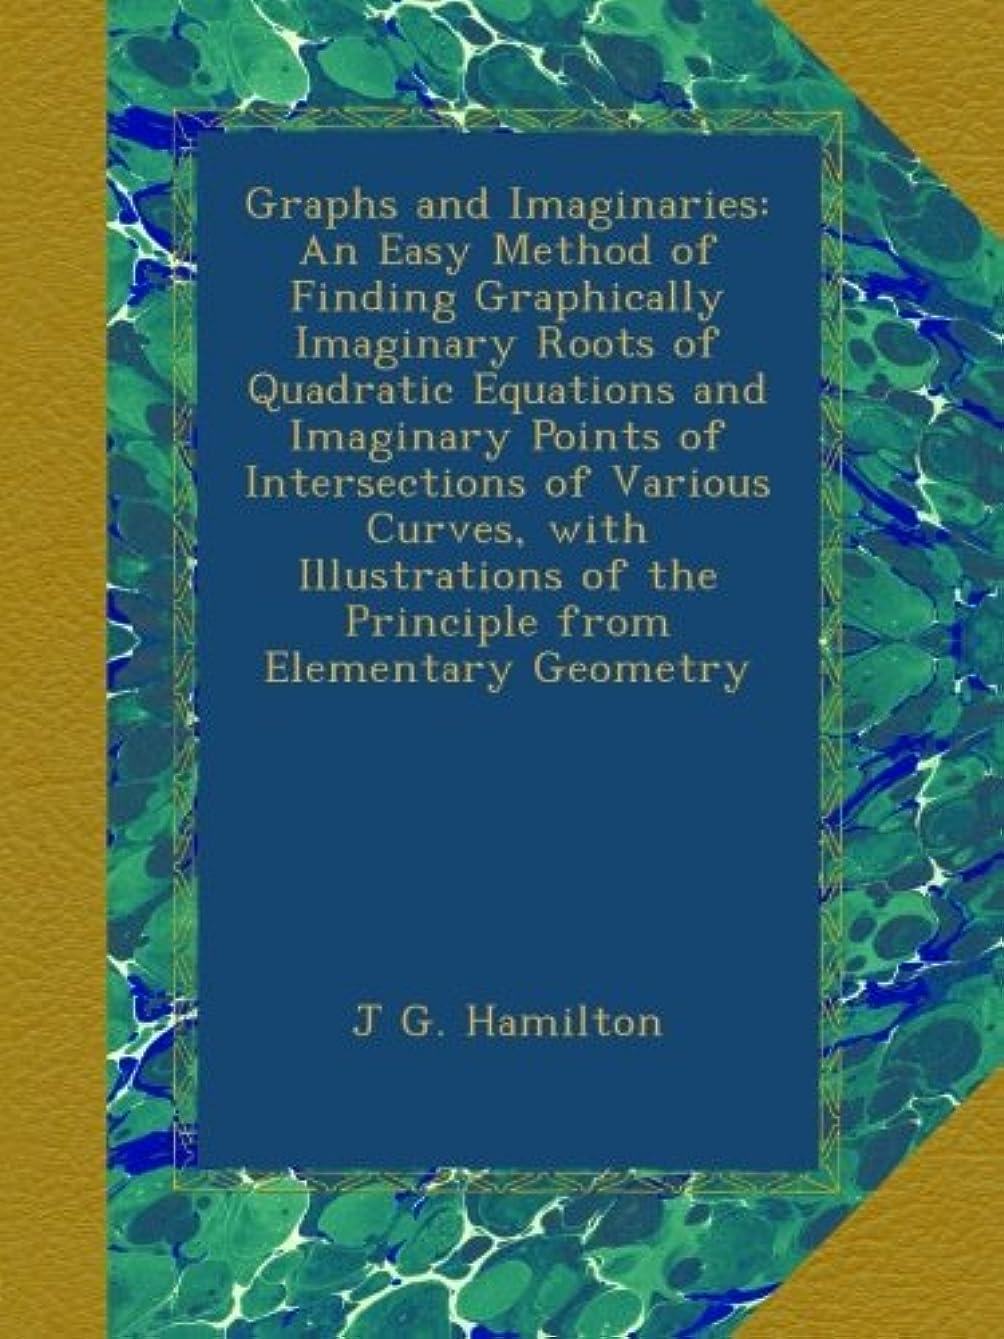 位置づける発信ゴシップGraphs and Imaginaries: An Easy Method of Finding Graphically Imaginary Roots of Quadratic Equations and Imaginary Points of Intersections of Various Curves, with Illustrations of the Principle from Elementary Geometry